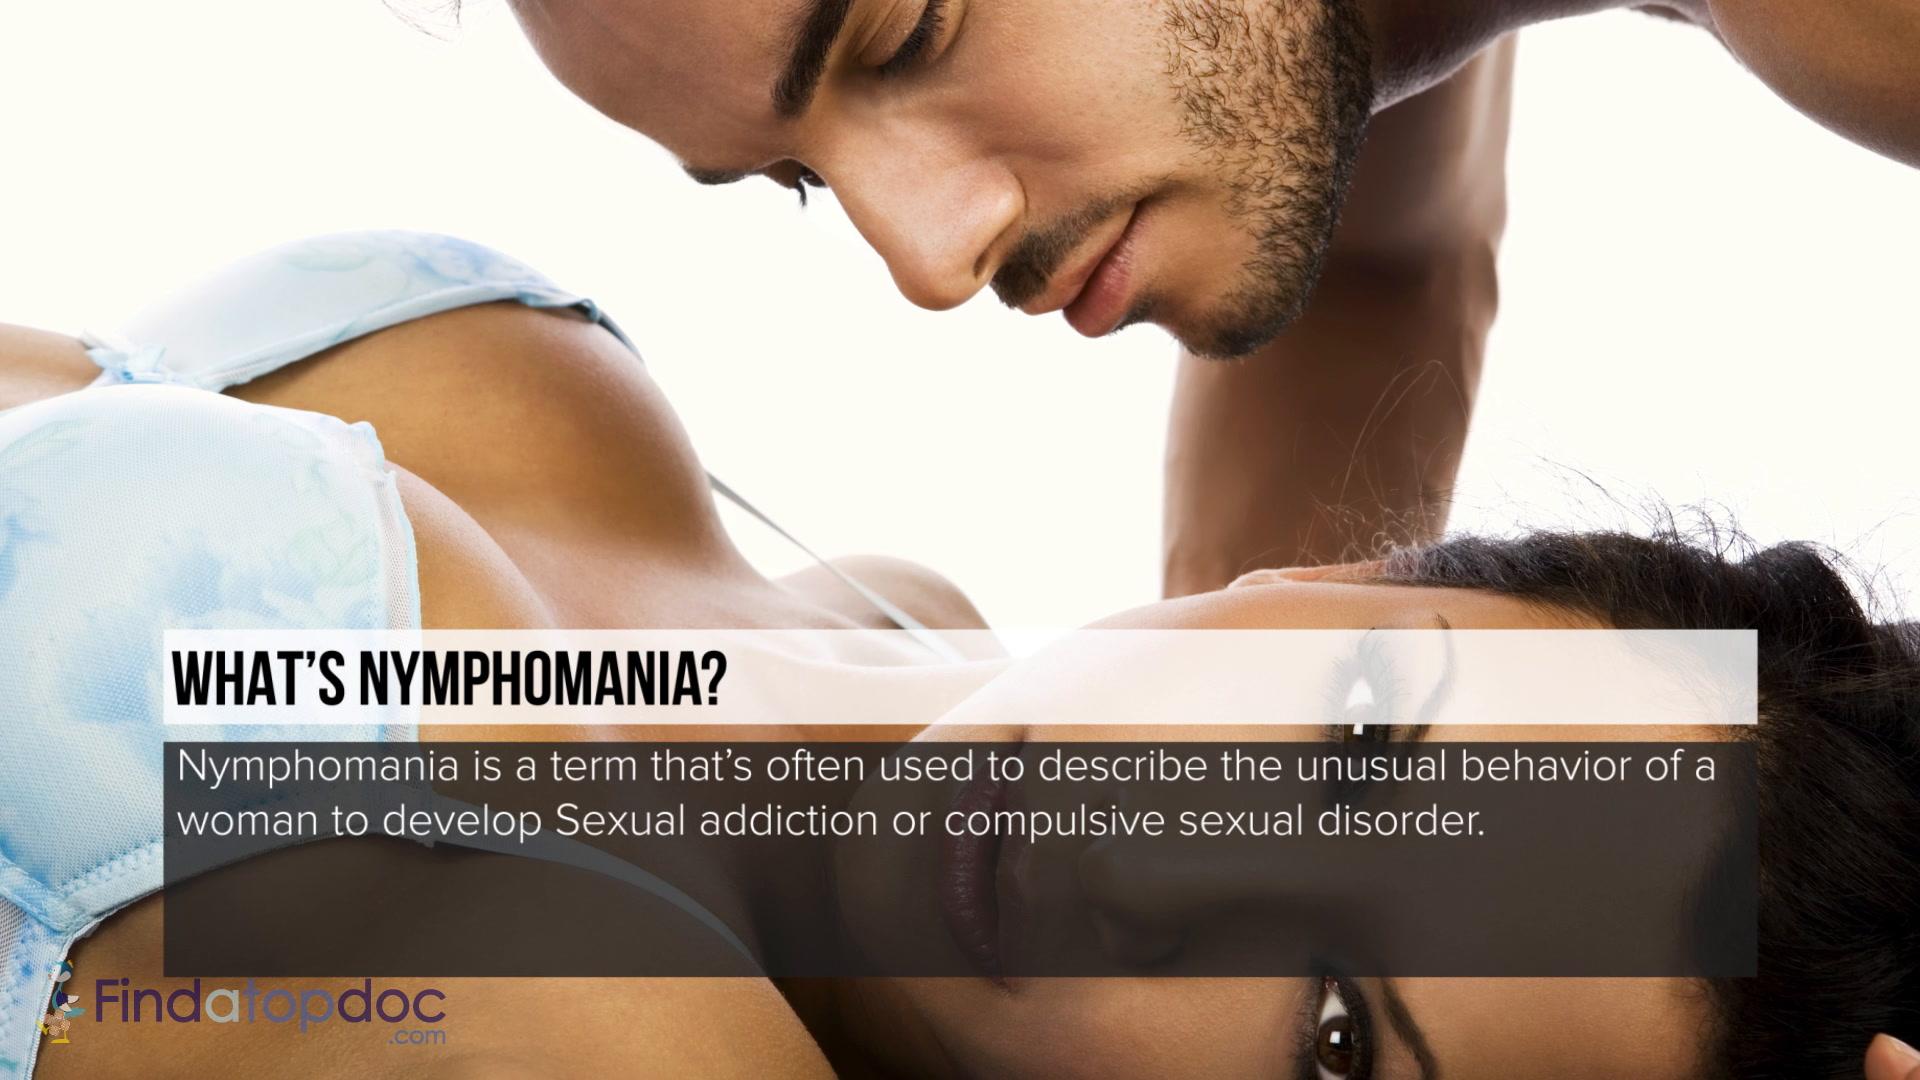 How to satisfy a nymphomaniac